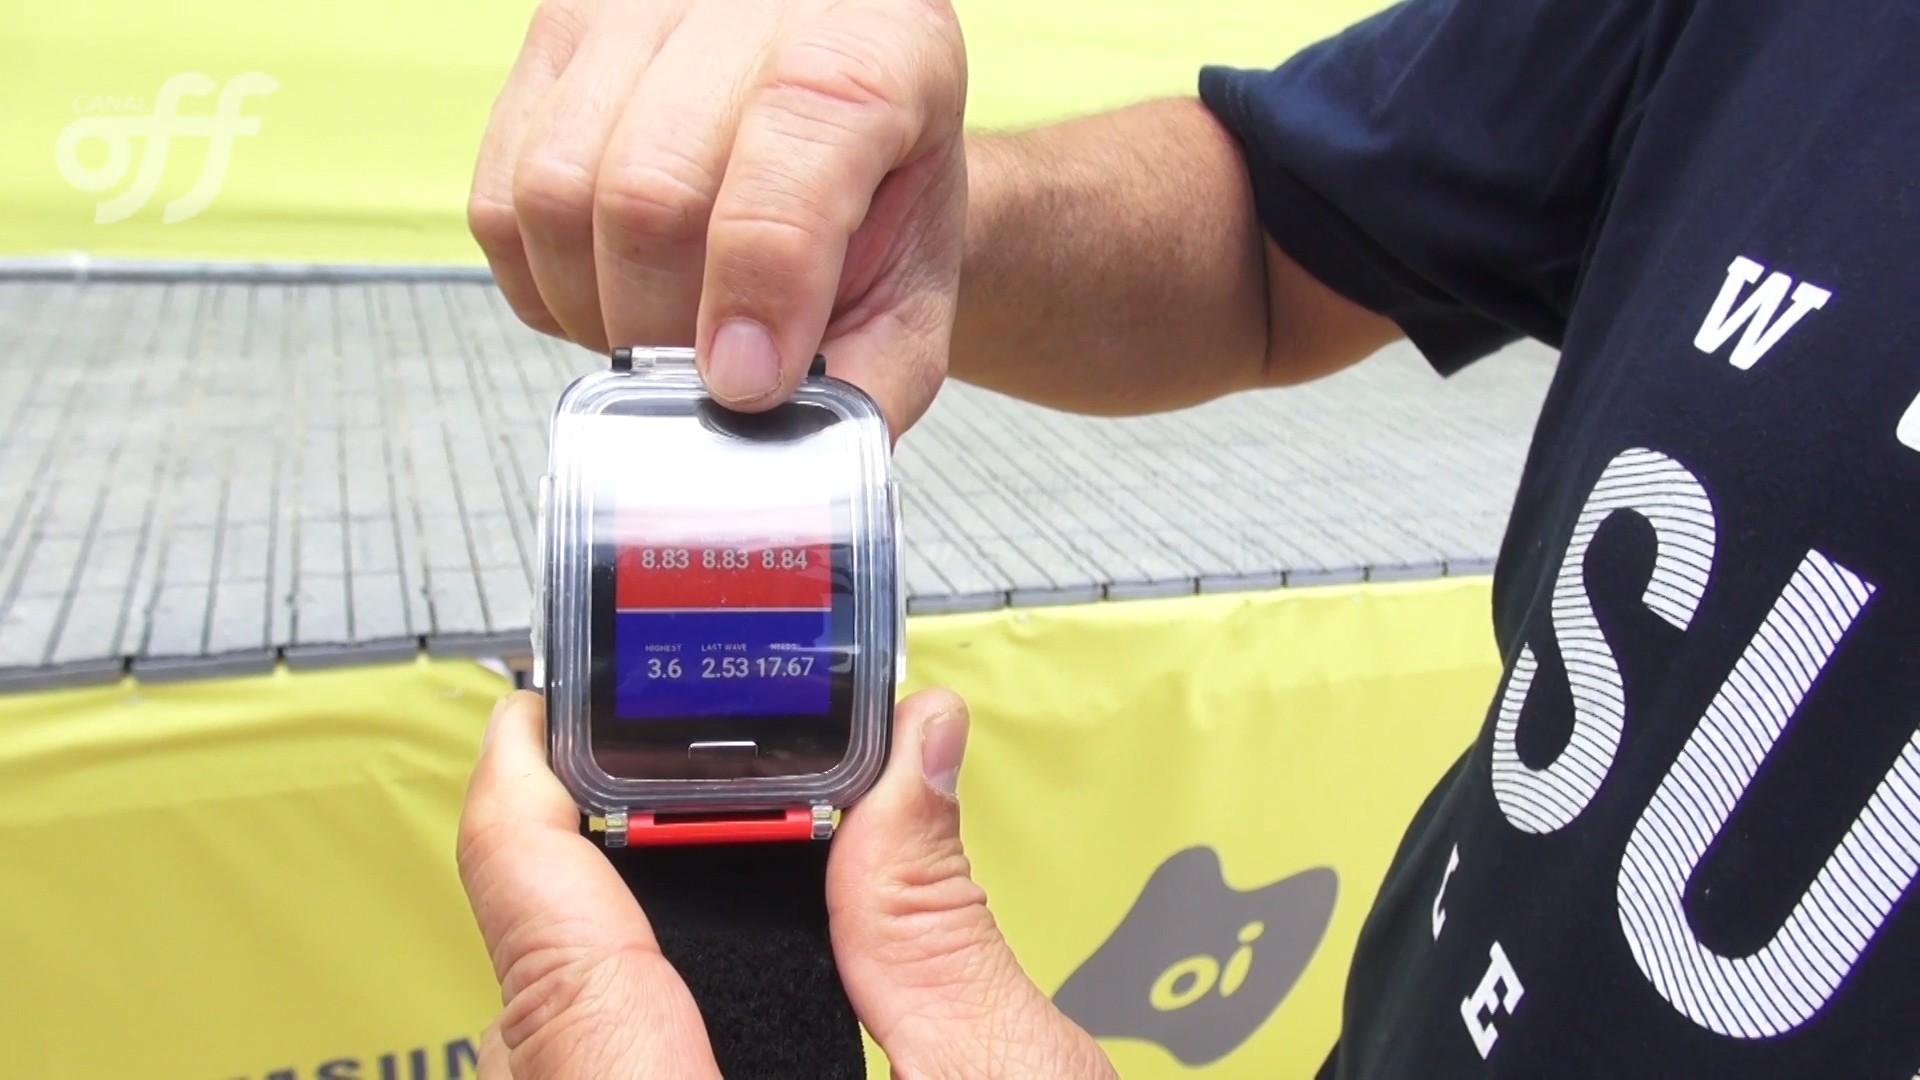 Rio Pro 2016: Conheça o relógio inteligente da WSL